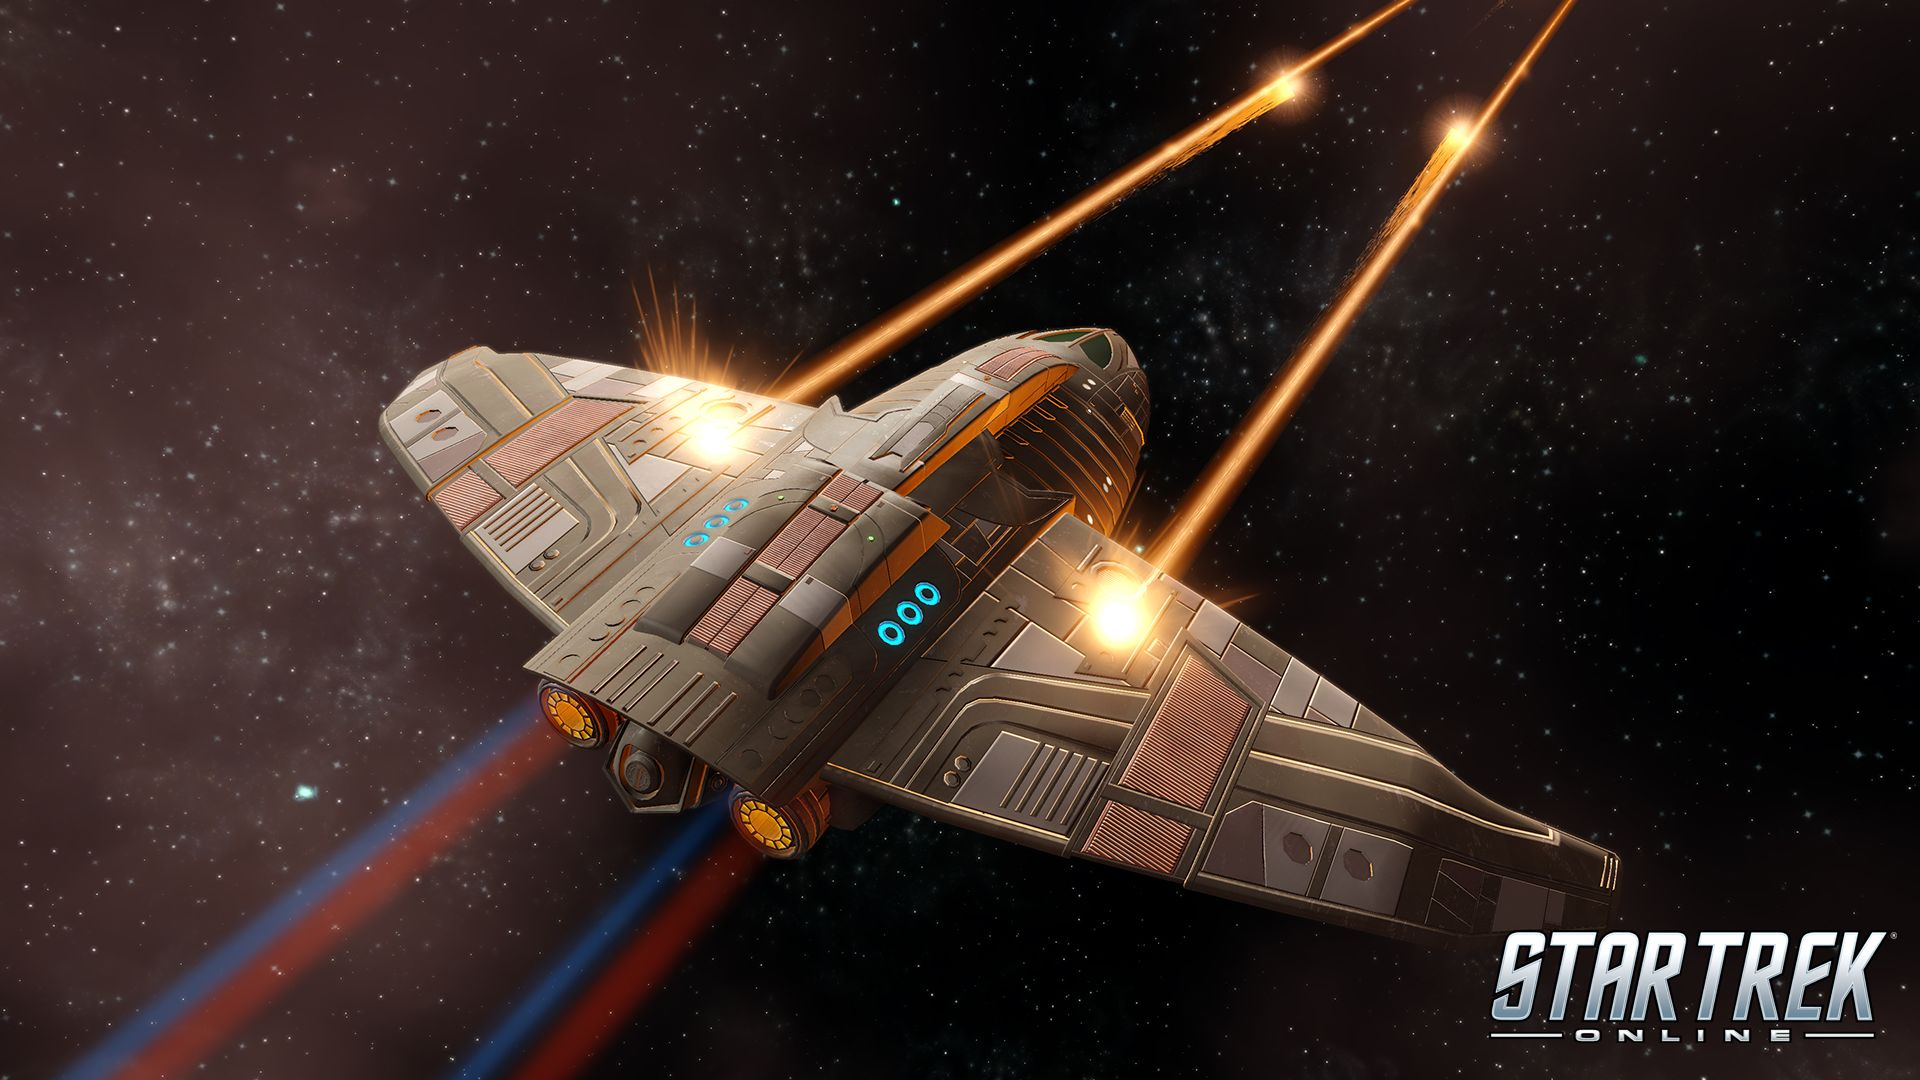 Star Trek Online gibt es schon seit 8 Jahren: Das wird gefeiert!